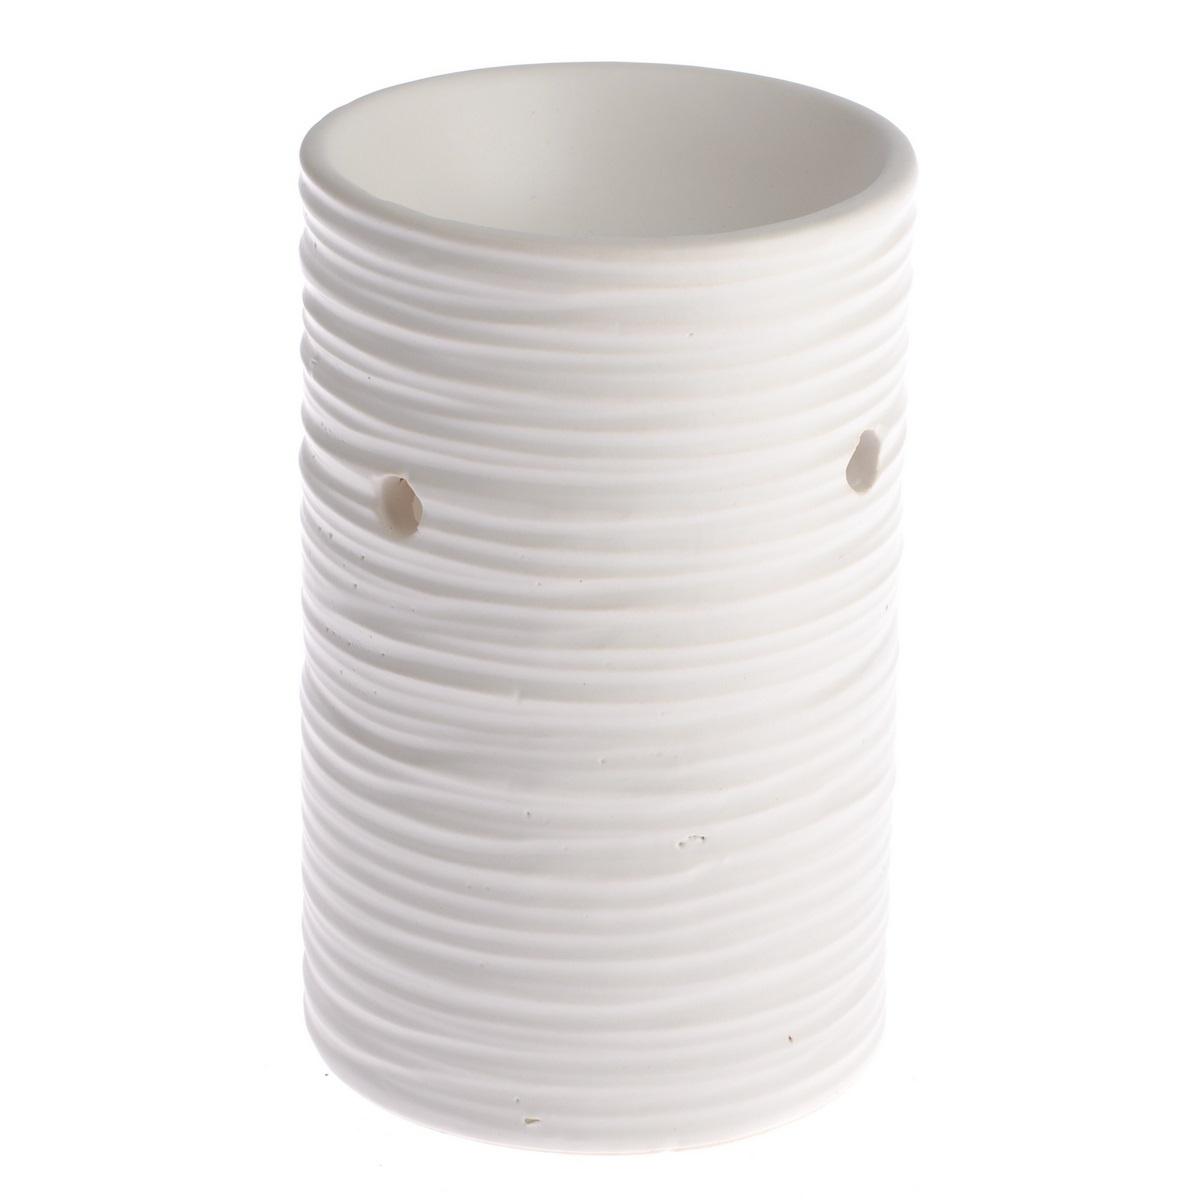 Keramická aromalampa Ronville, bílá